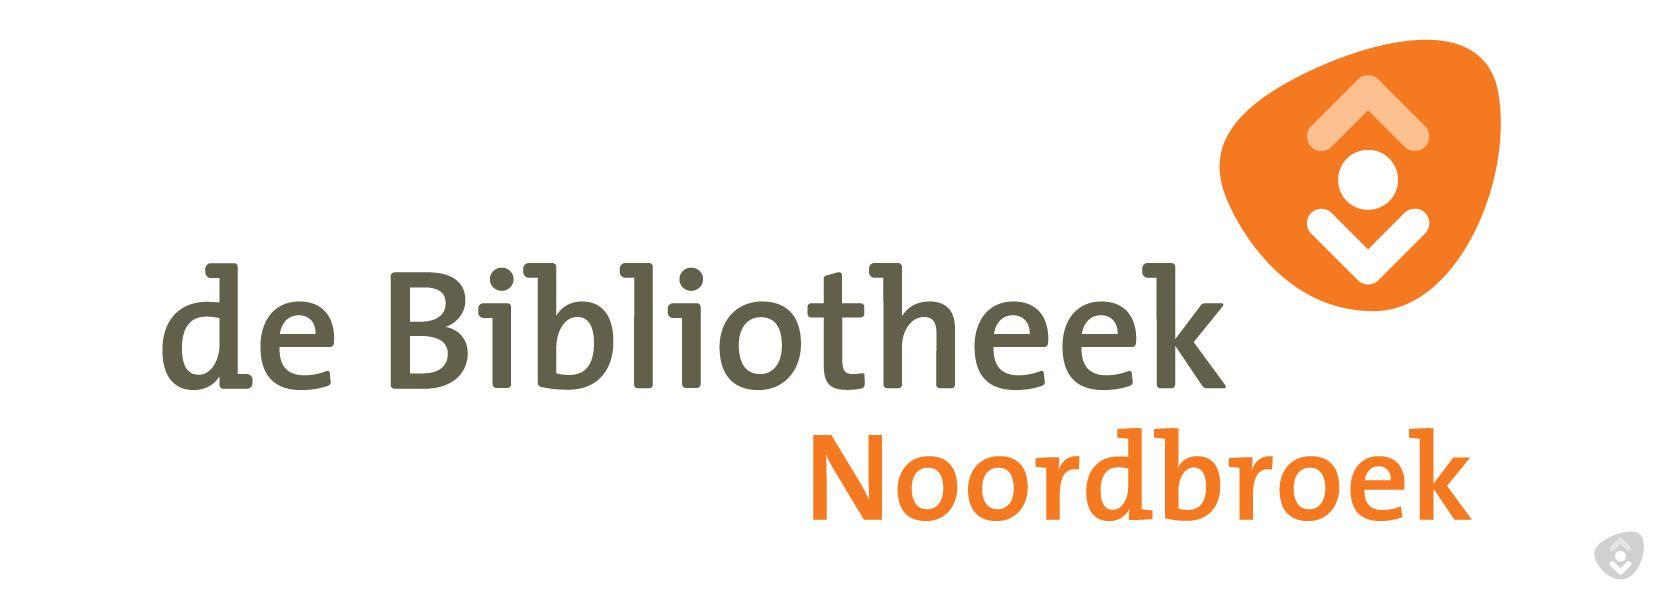 Biblio_lang_RGB_Noordbroek.jpg (51906 bytes)